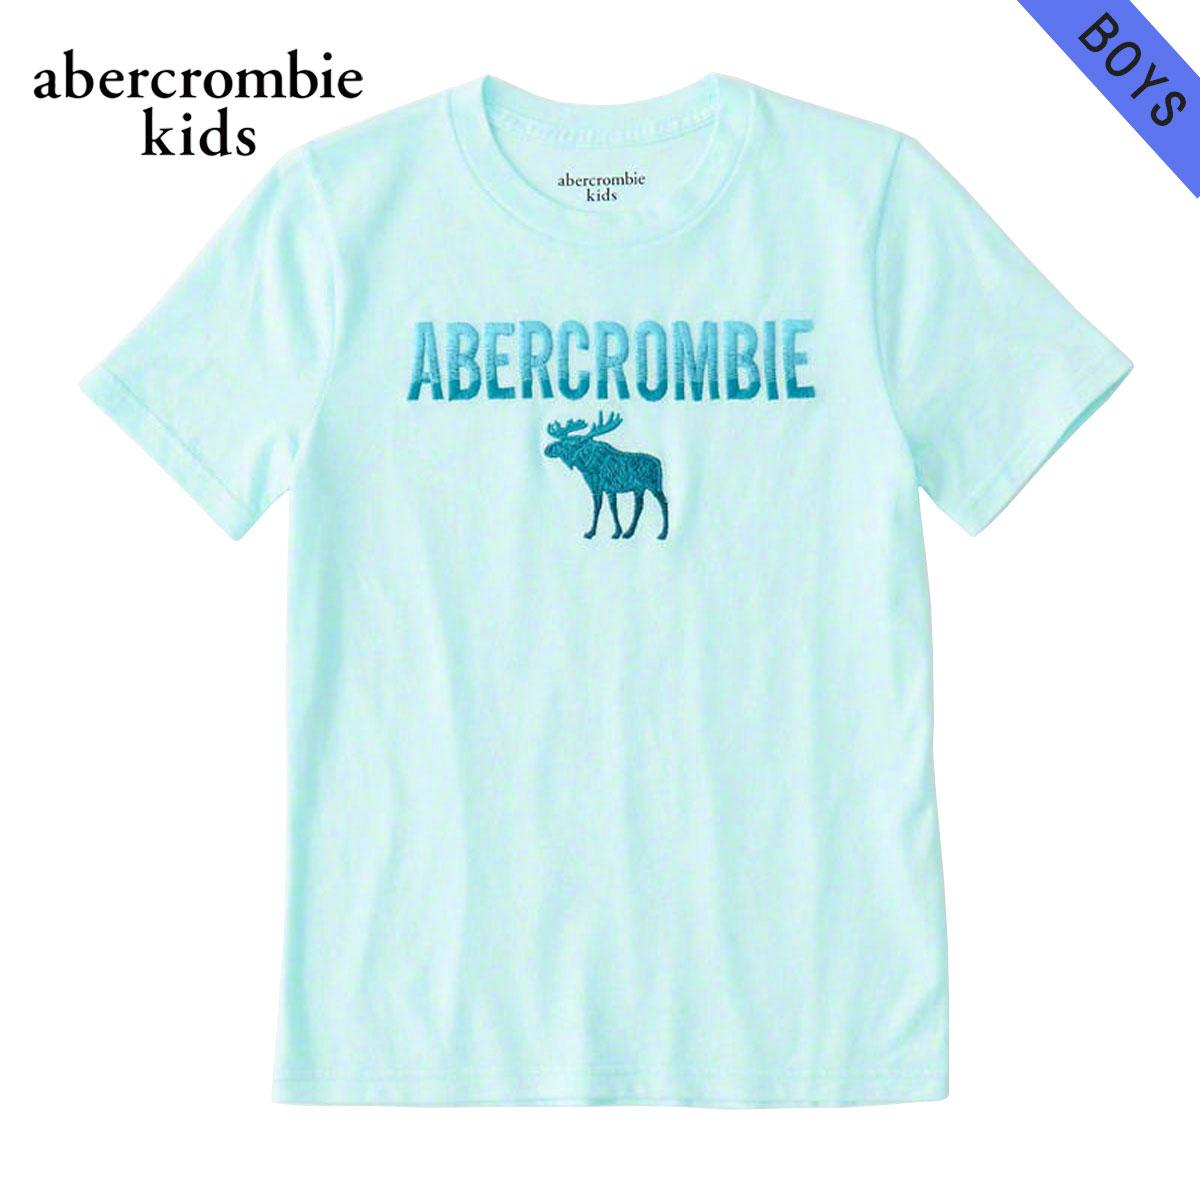 アバクロキッズ AbercrombieKids 正規品 子供服 ボーイズ 半袖Tシャツ logo graphic tee 223-616-0138-026